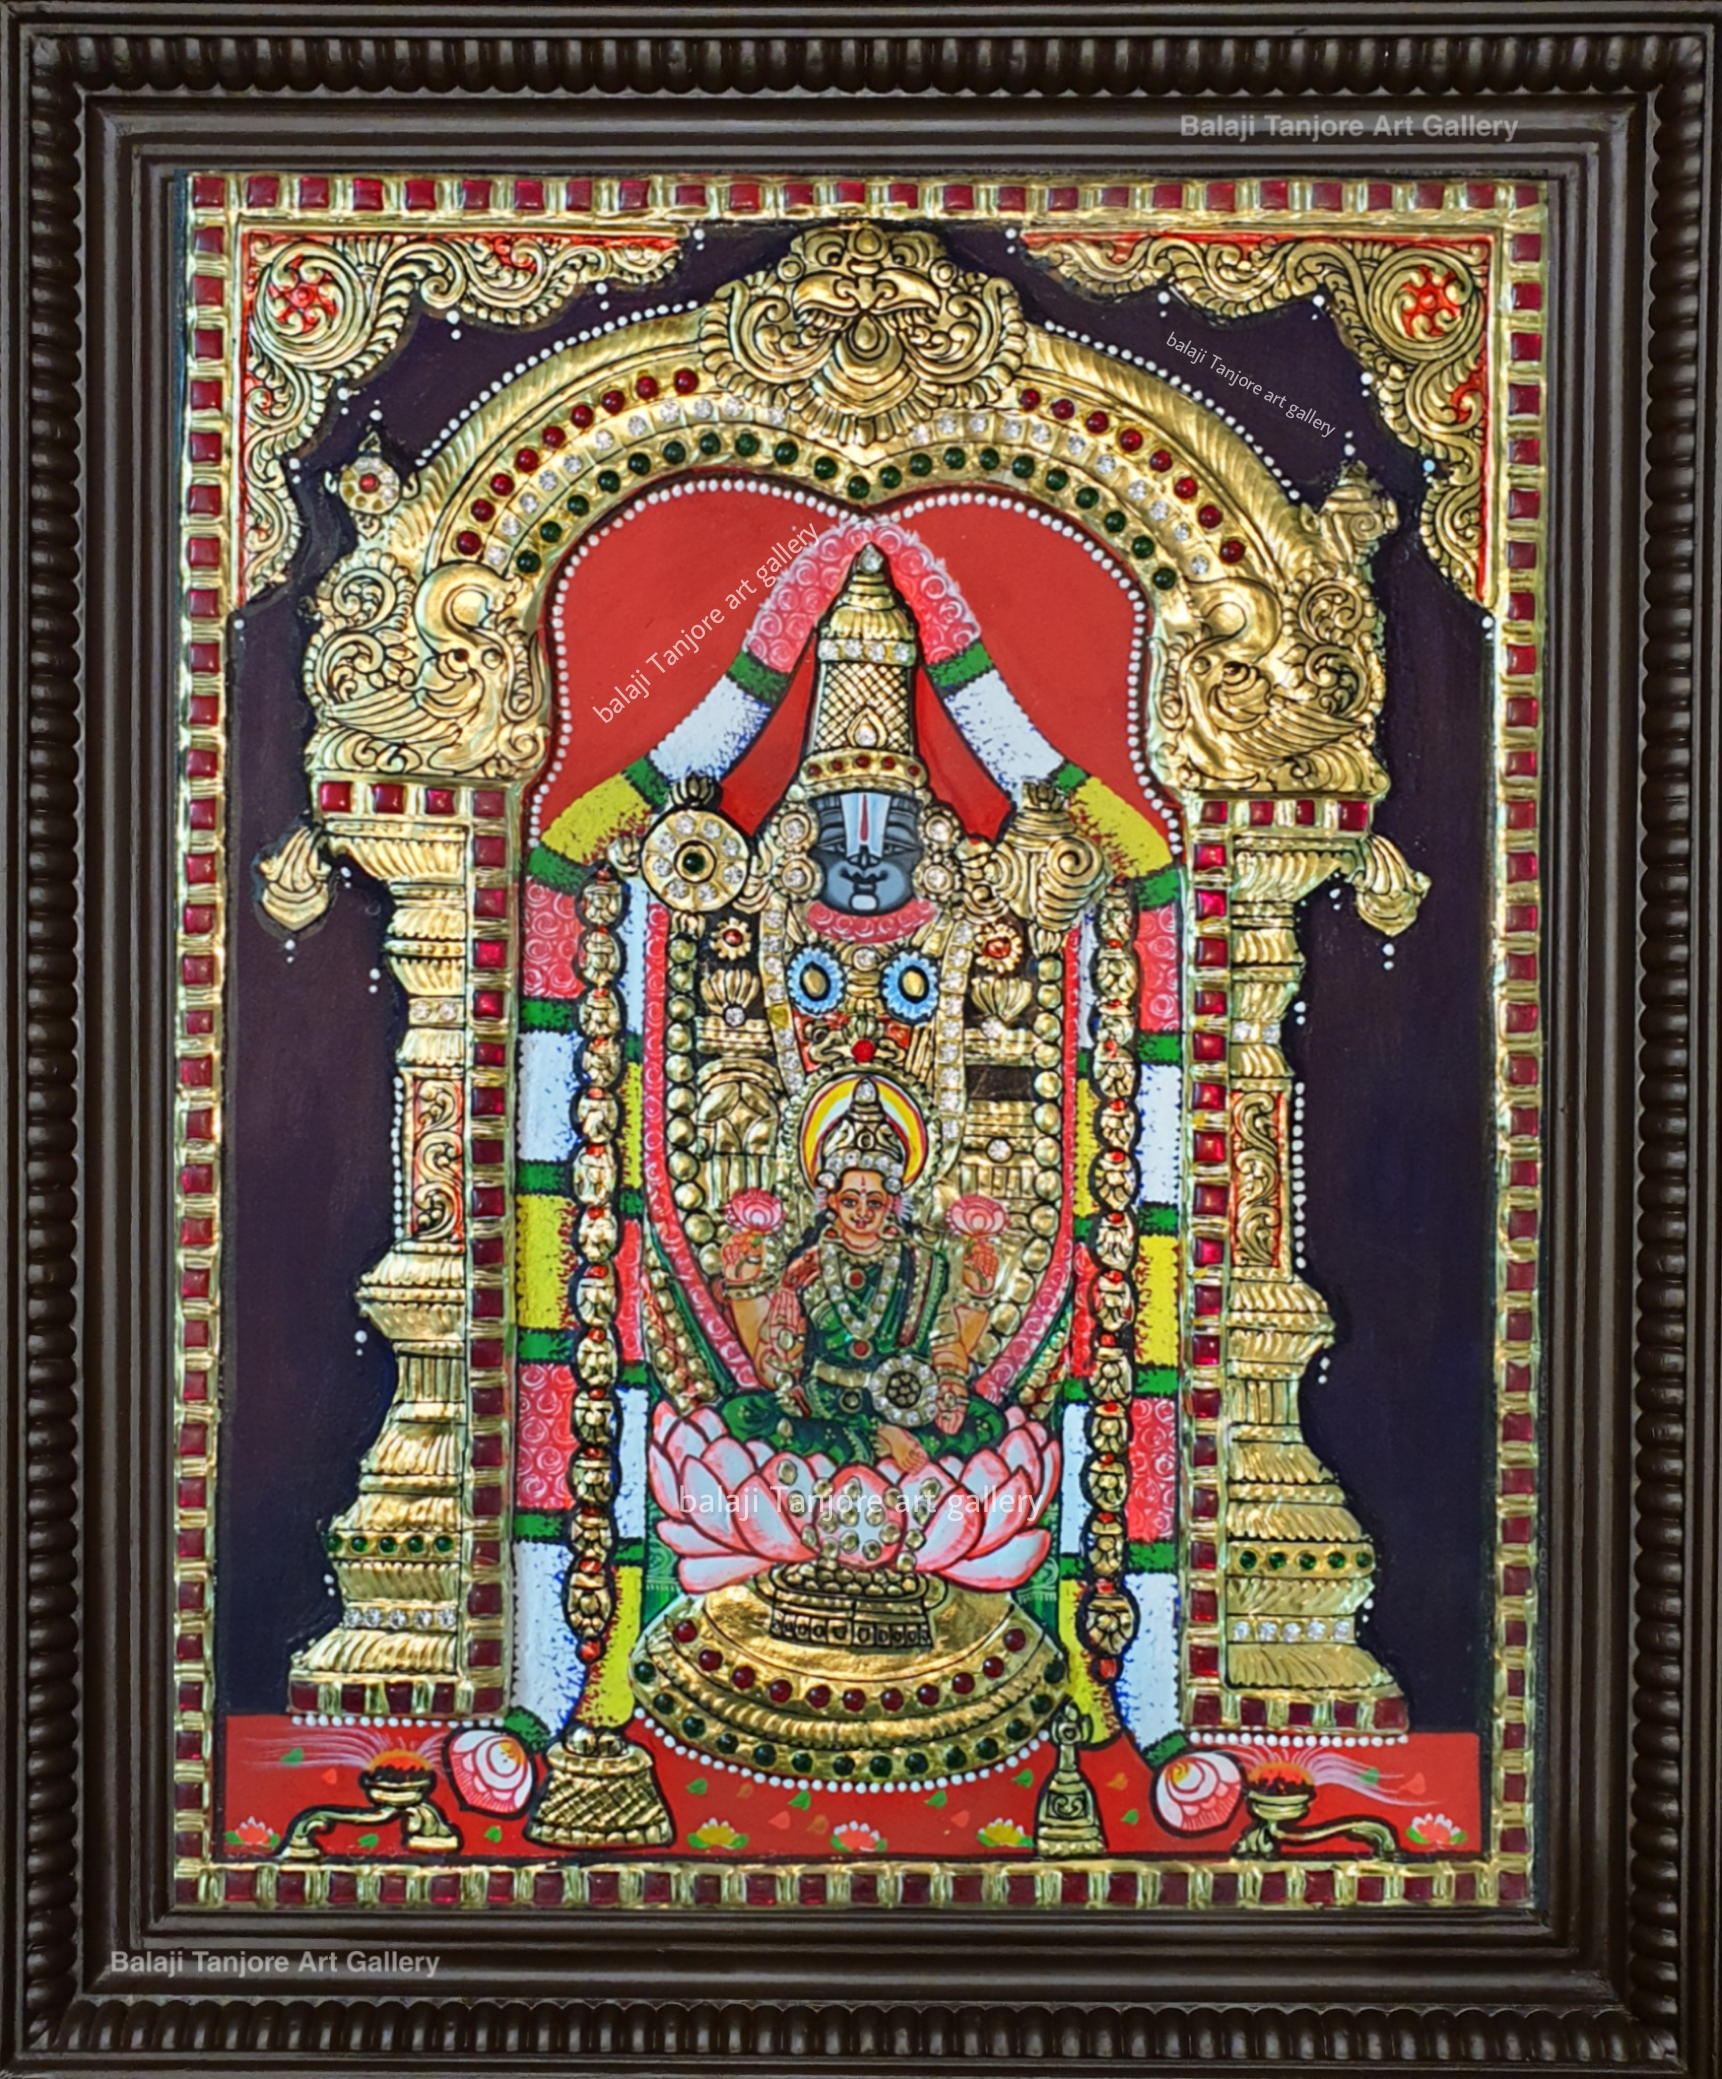 Lakshmi with Balaji semi embossing Tanjore Paintings